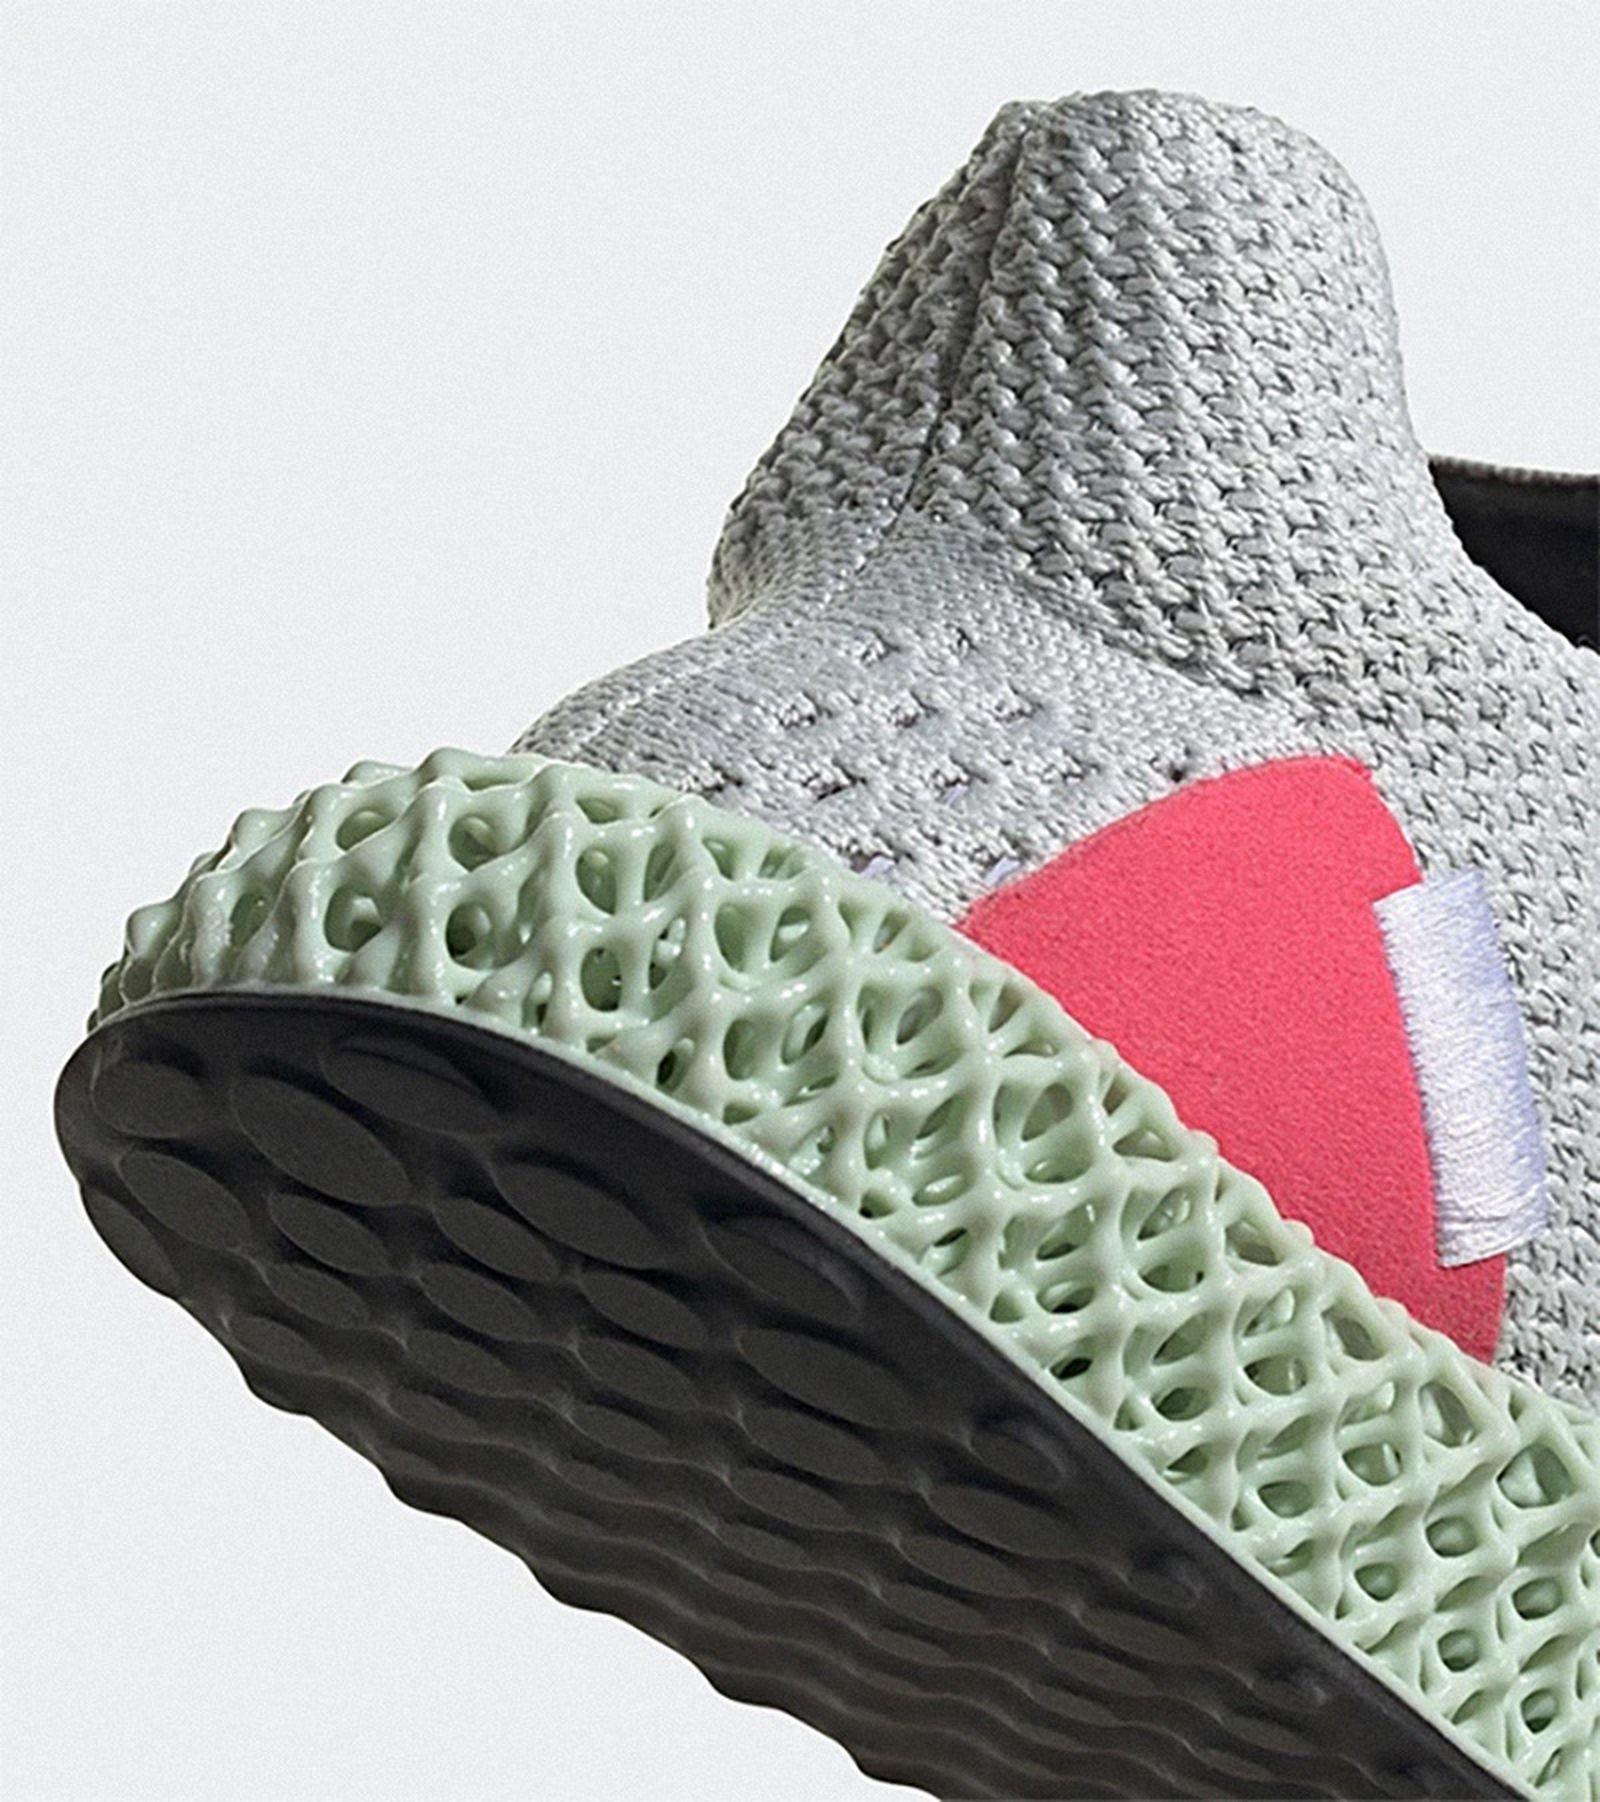 adidas-4d-runner-aec-release-date-price-02